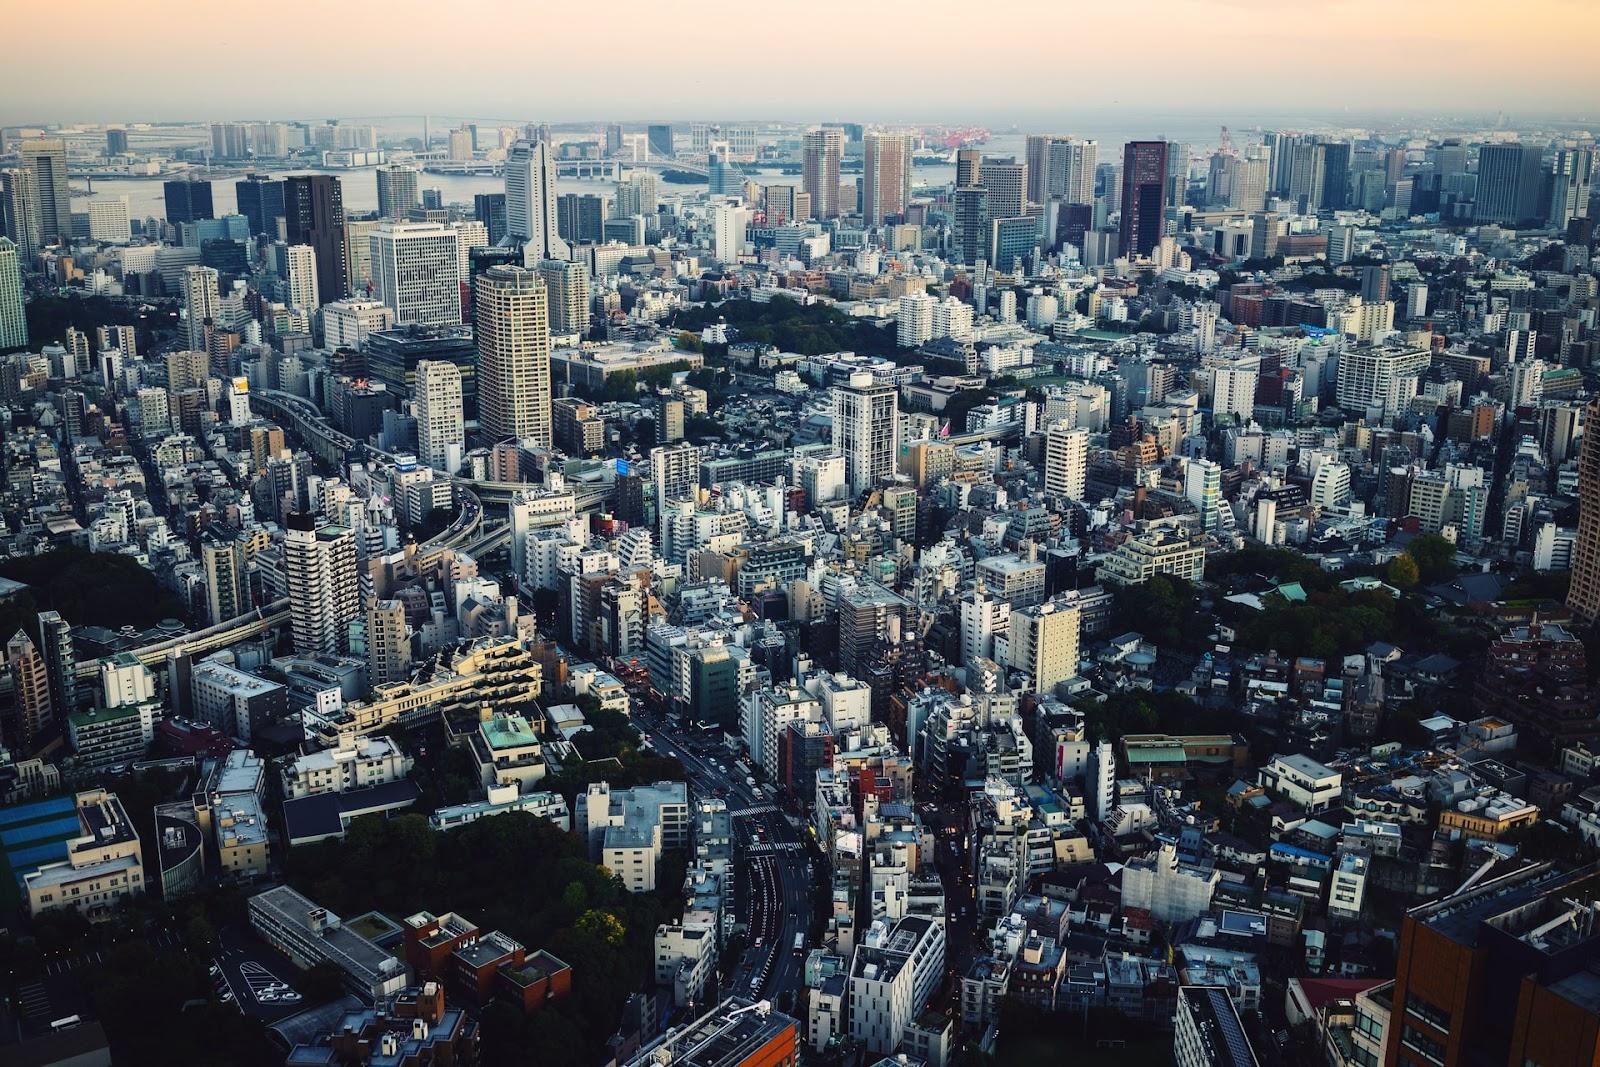 Vista aérea da cidade de Tóquio na atualidade. (Unsplash/Reprodução)